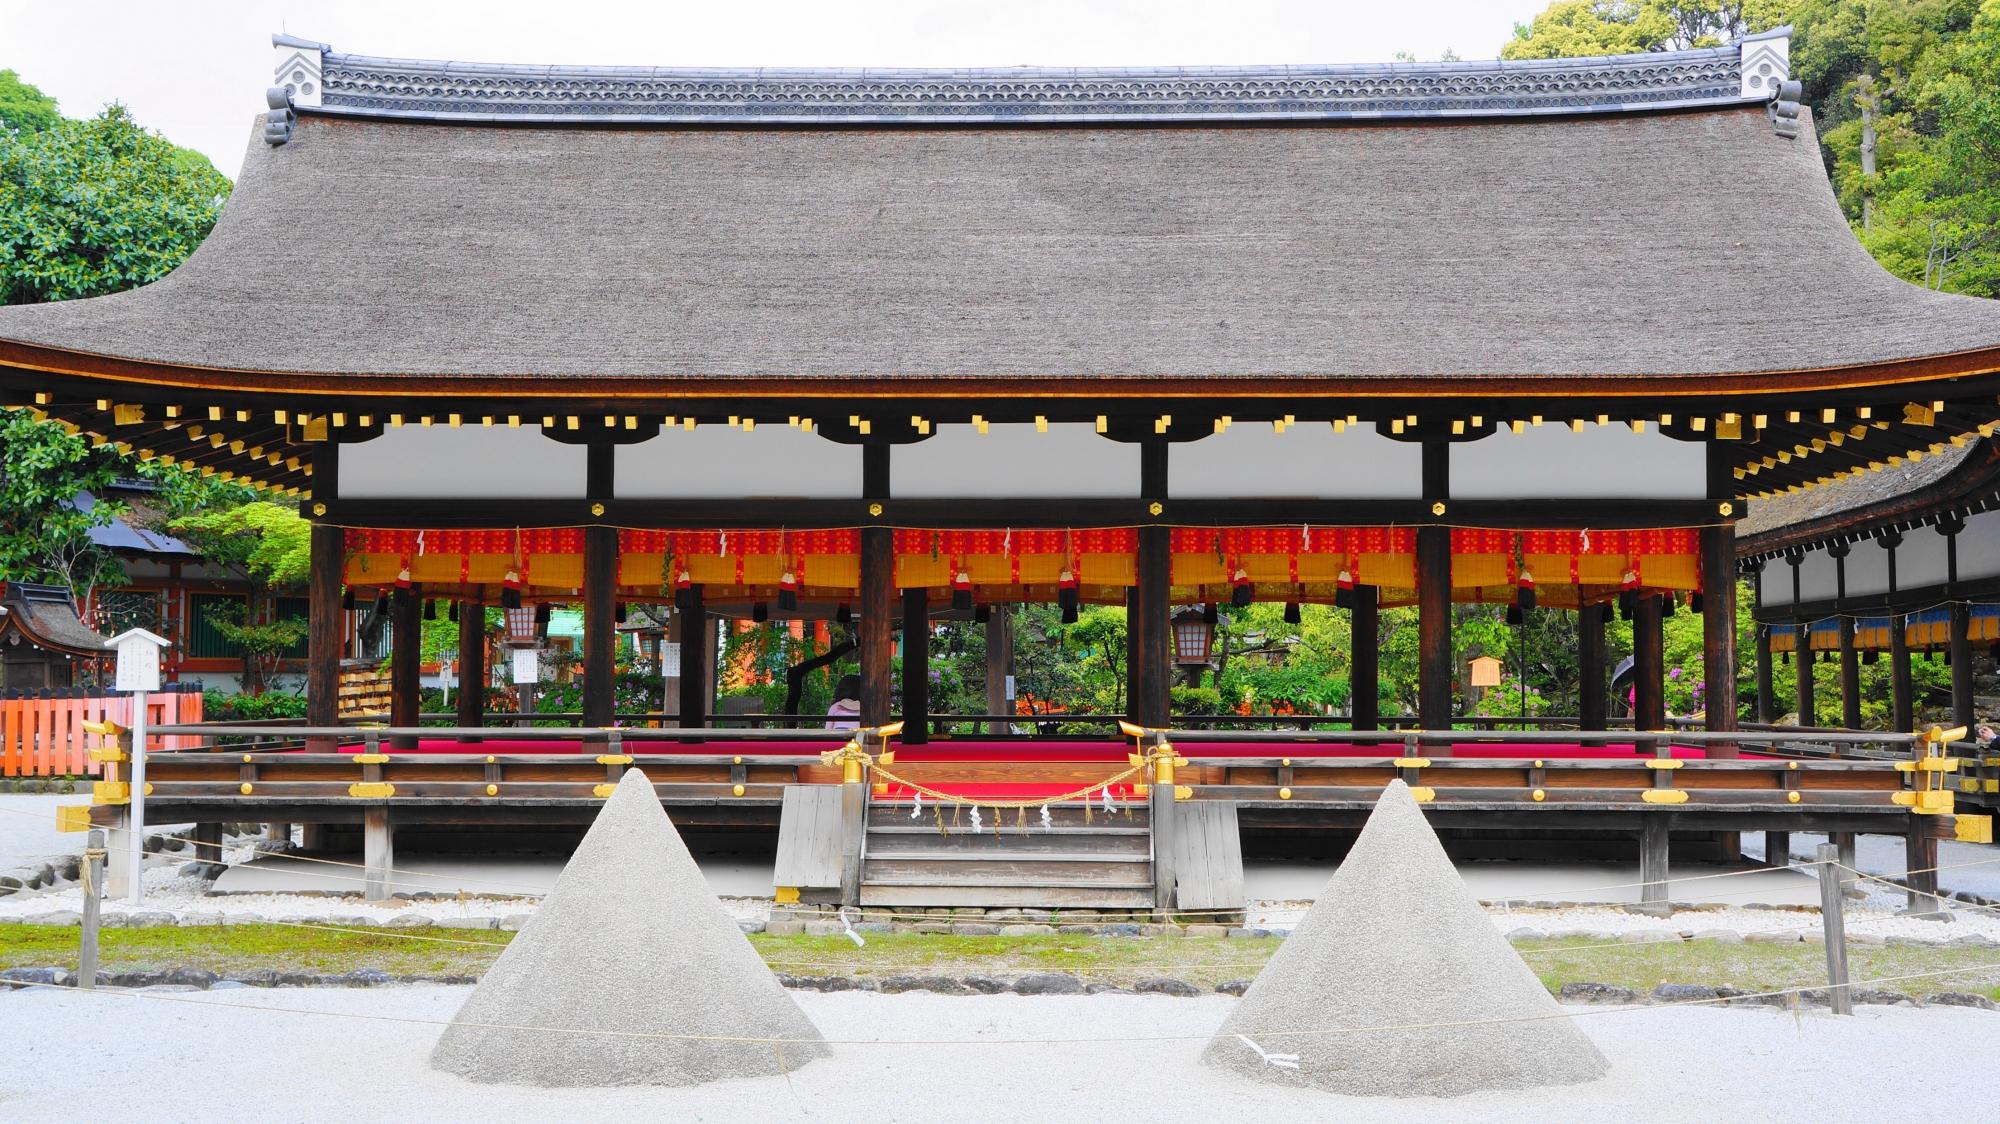 上賀茂神社 新緑と青もみじ 自然がいっぱいの神社